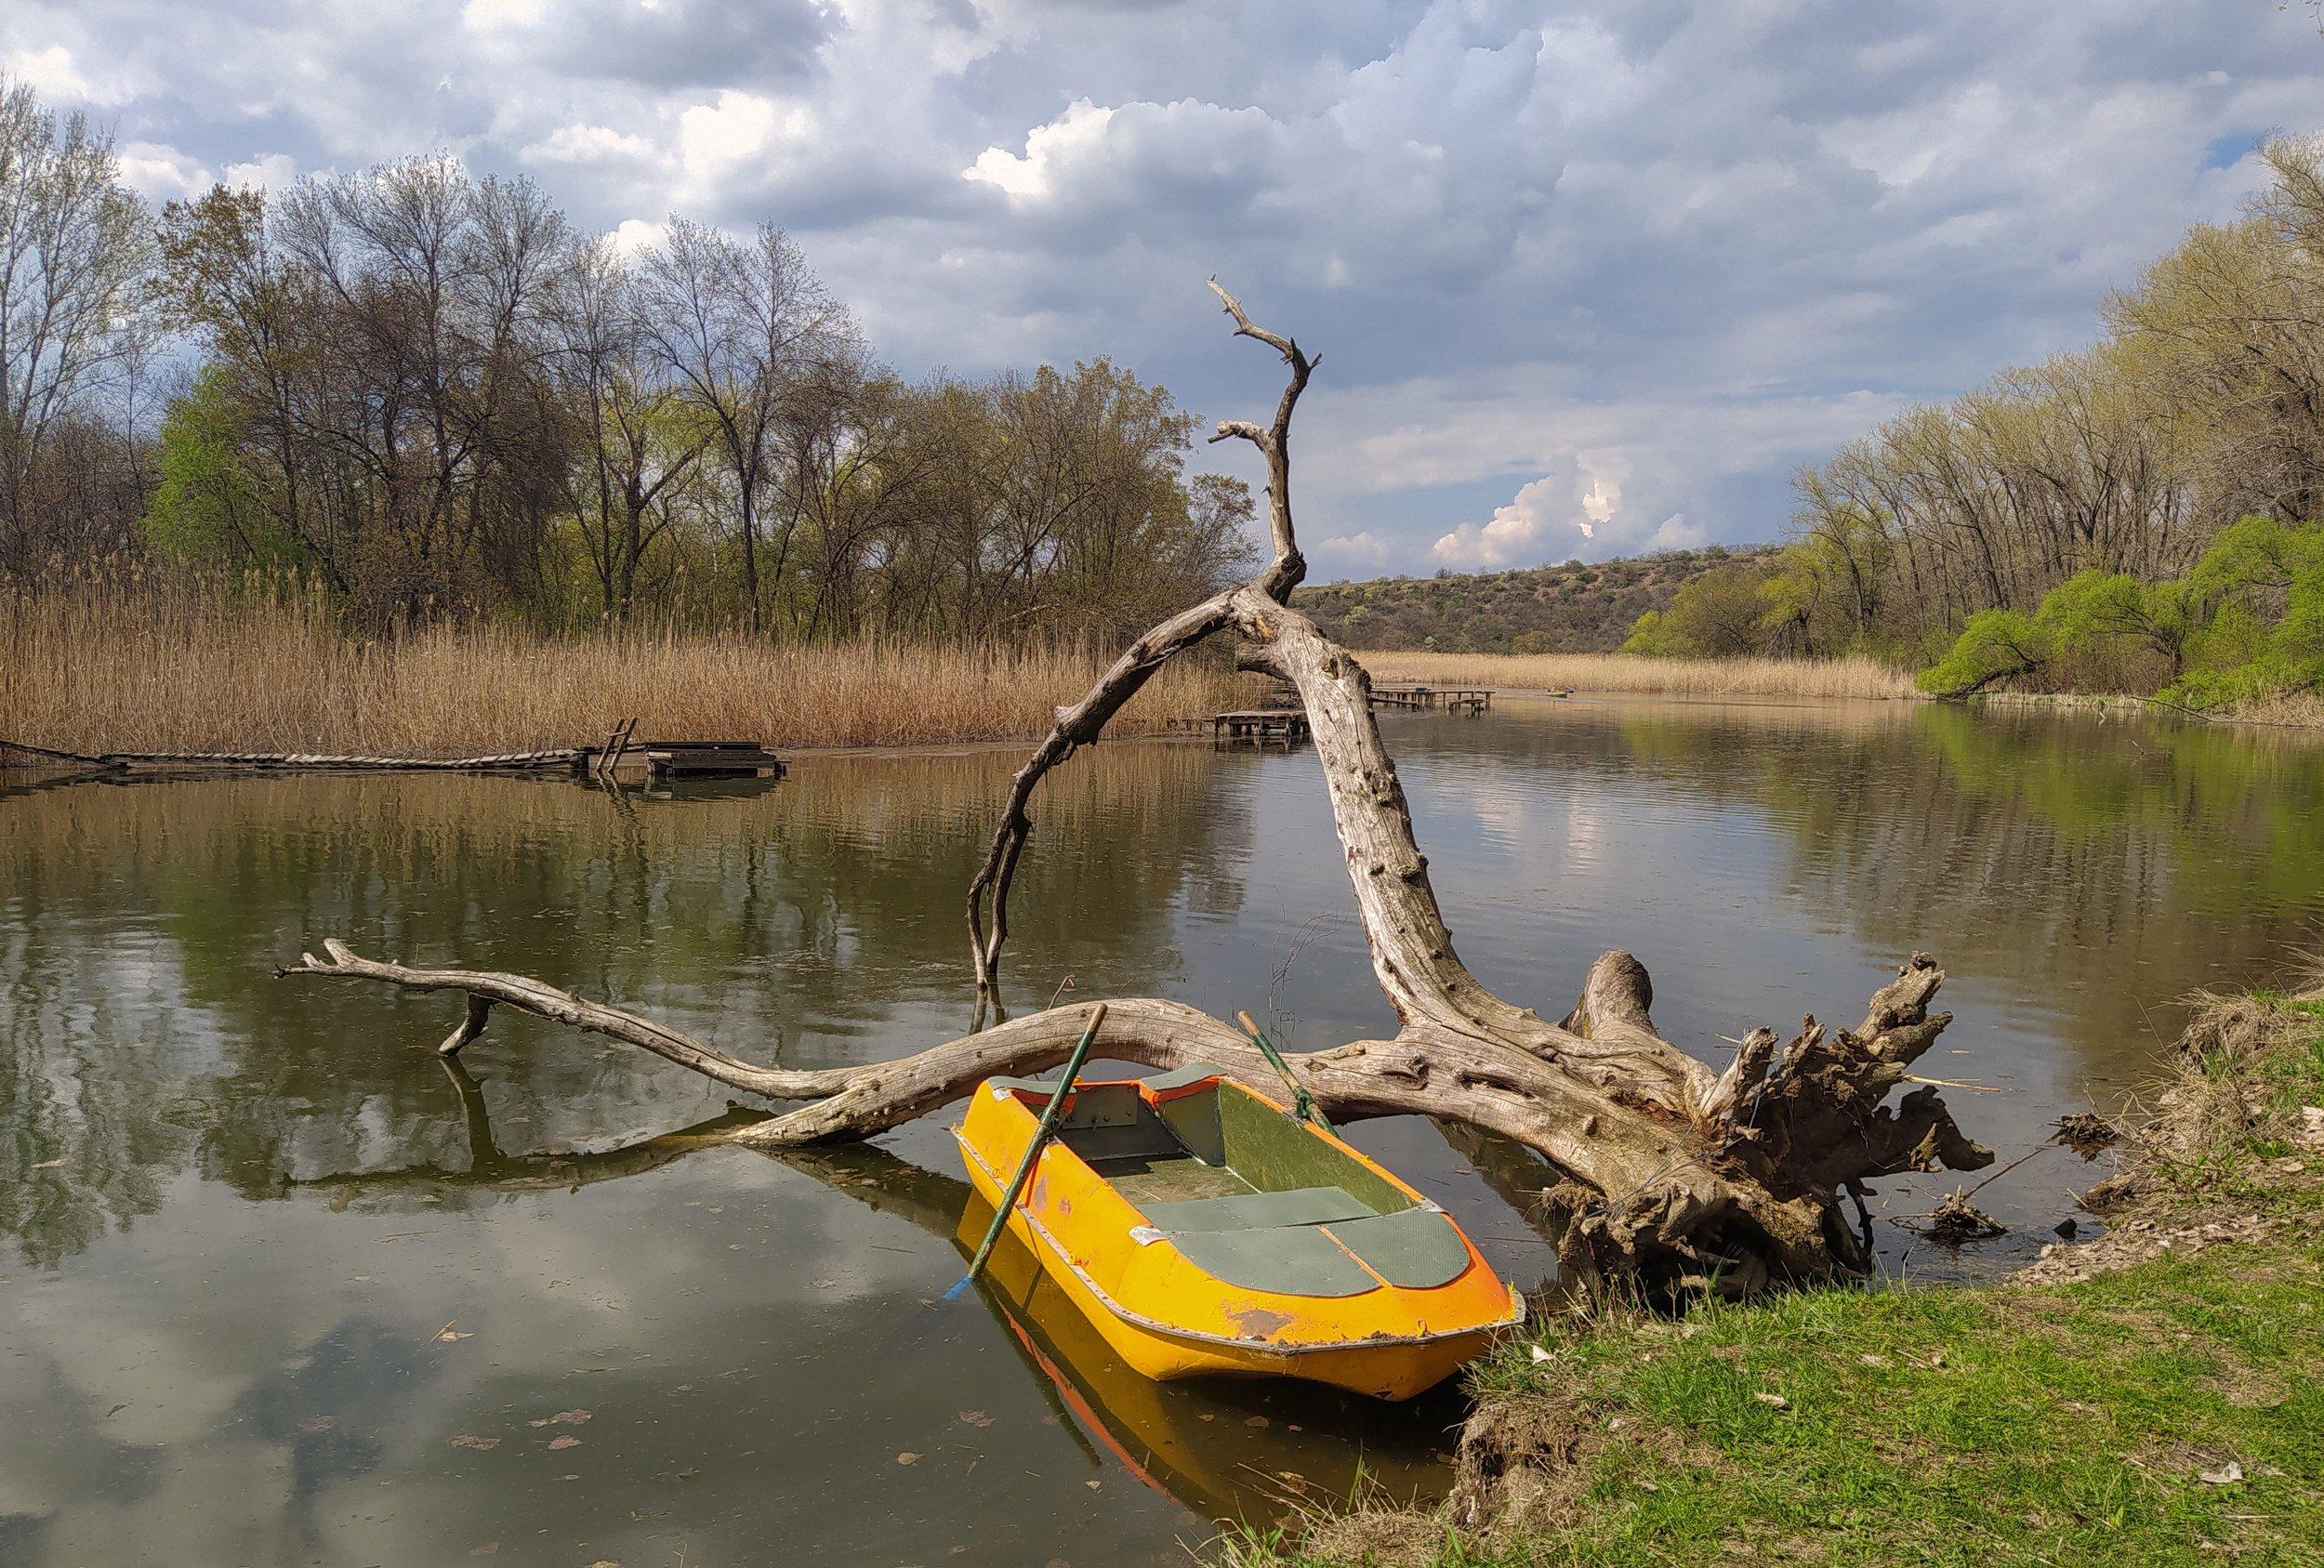 донецкая область, зуевка, Sergii Vidov